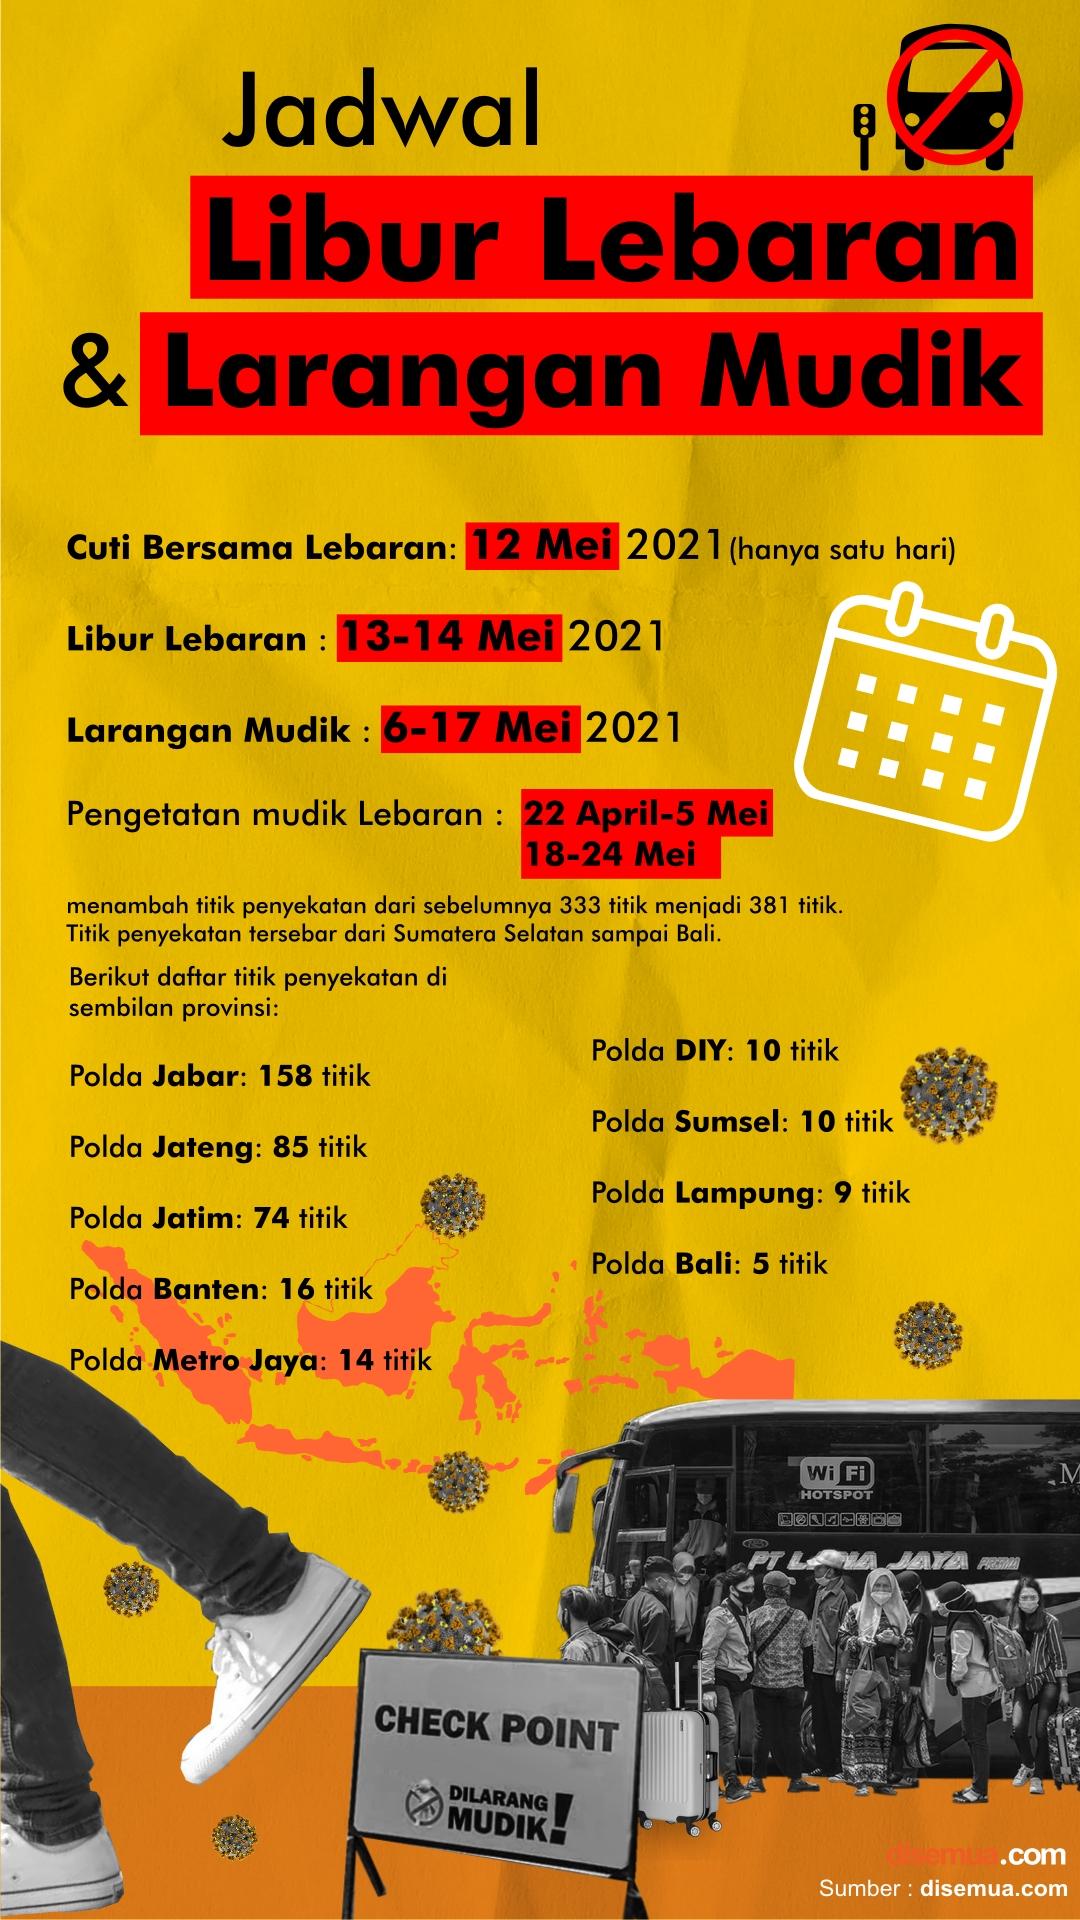 Jadwal Libur Lebaran